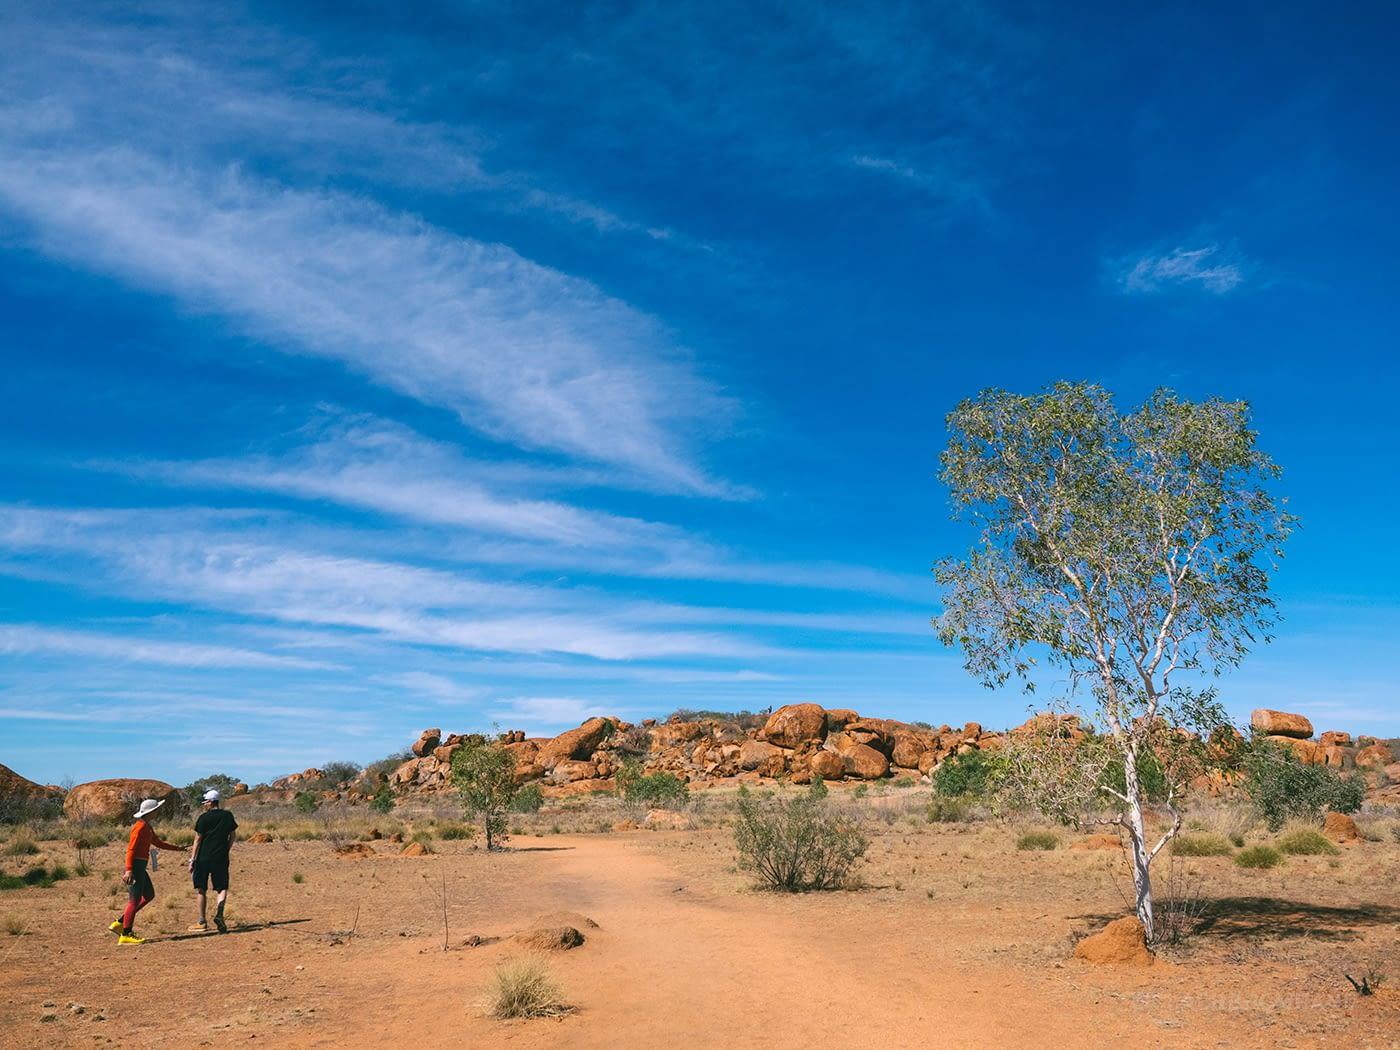 NT Australia - Karlu Karlu - Entrance to Devils Marbles